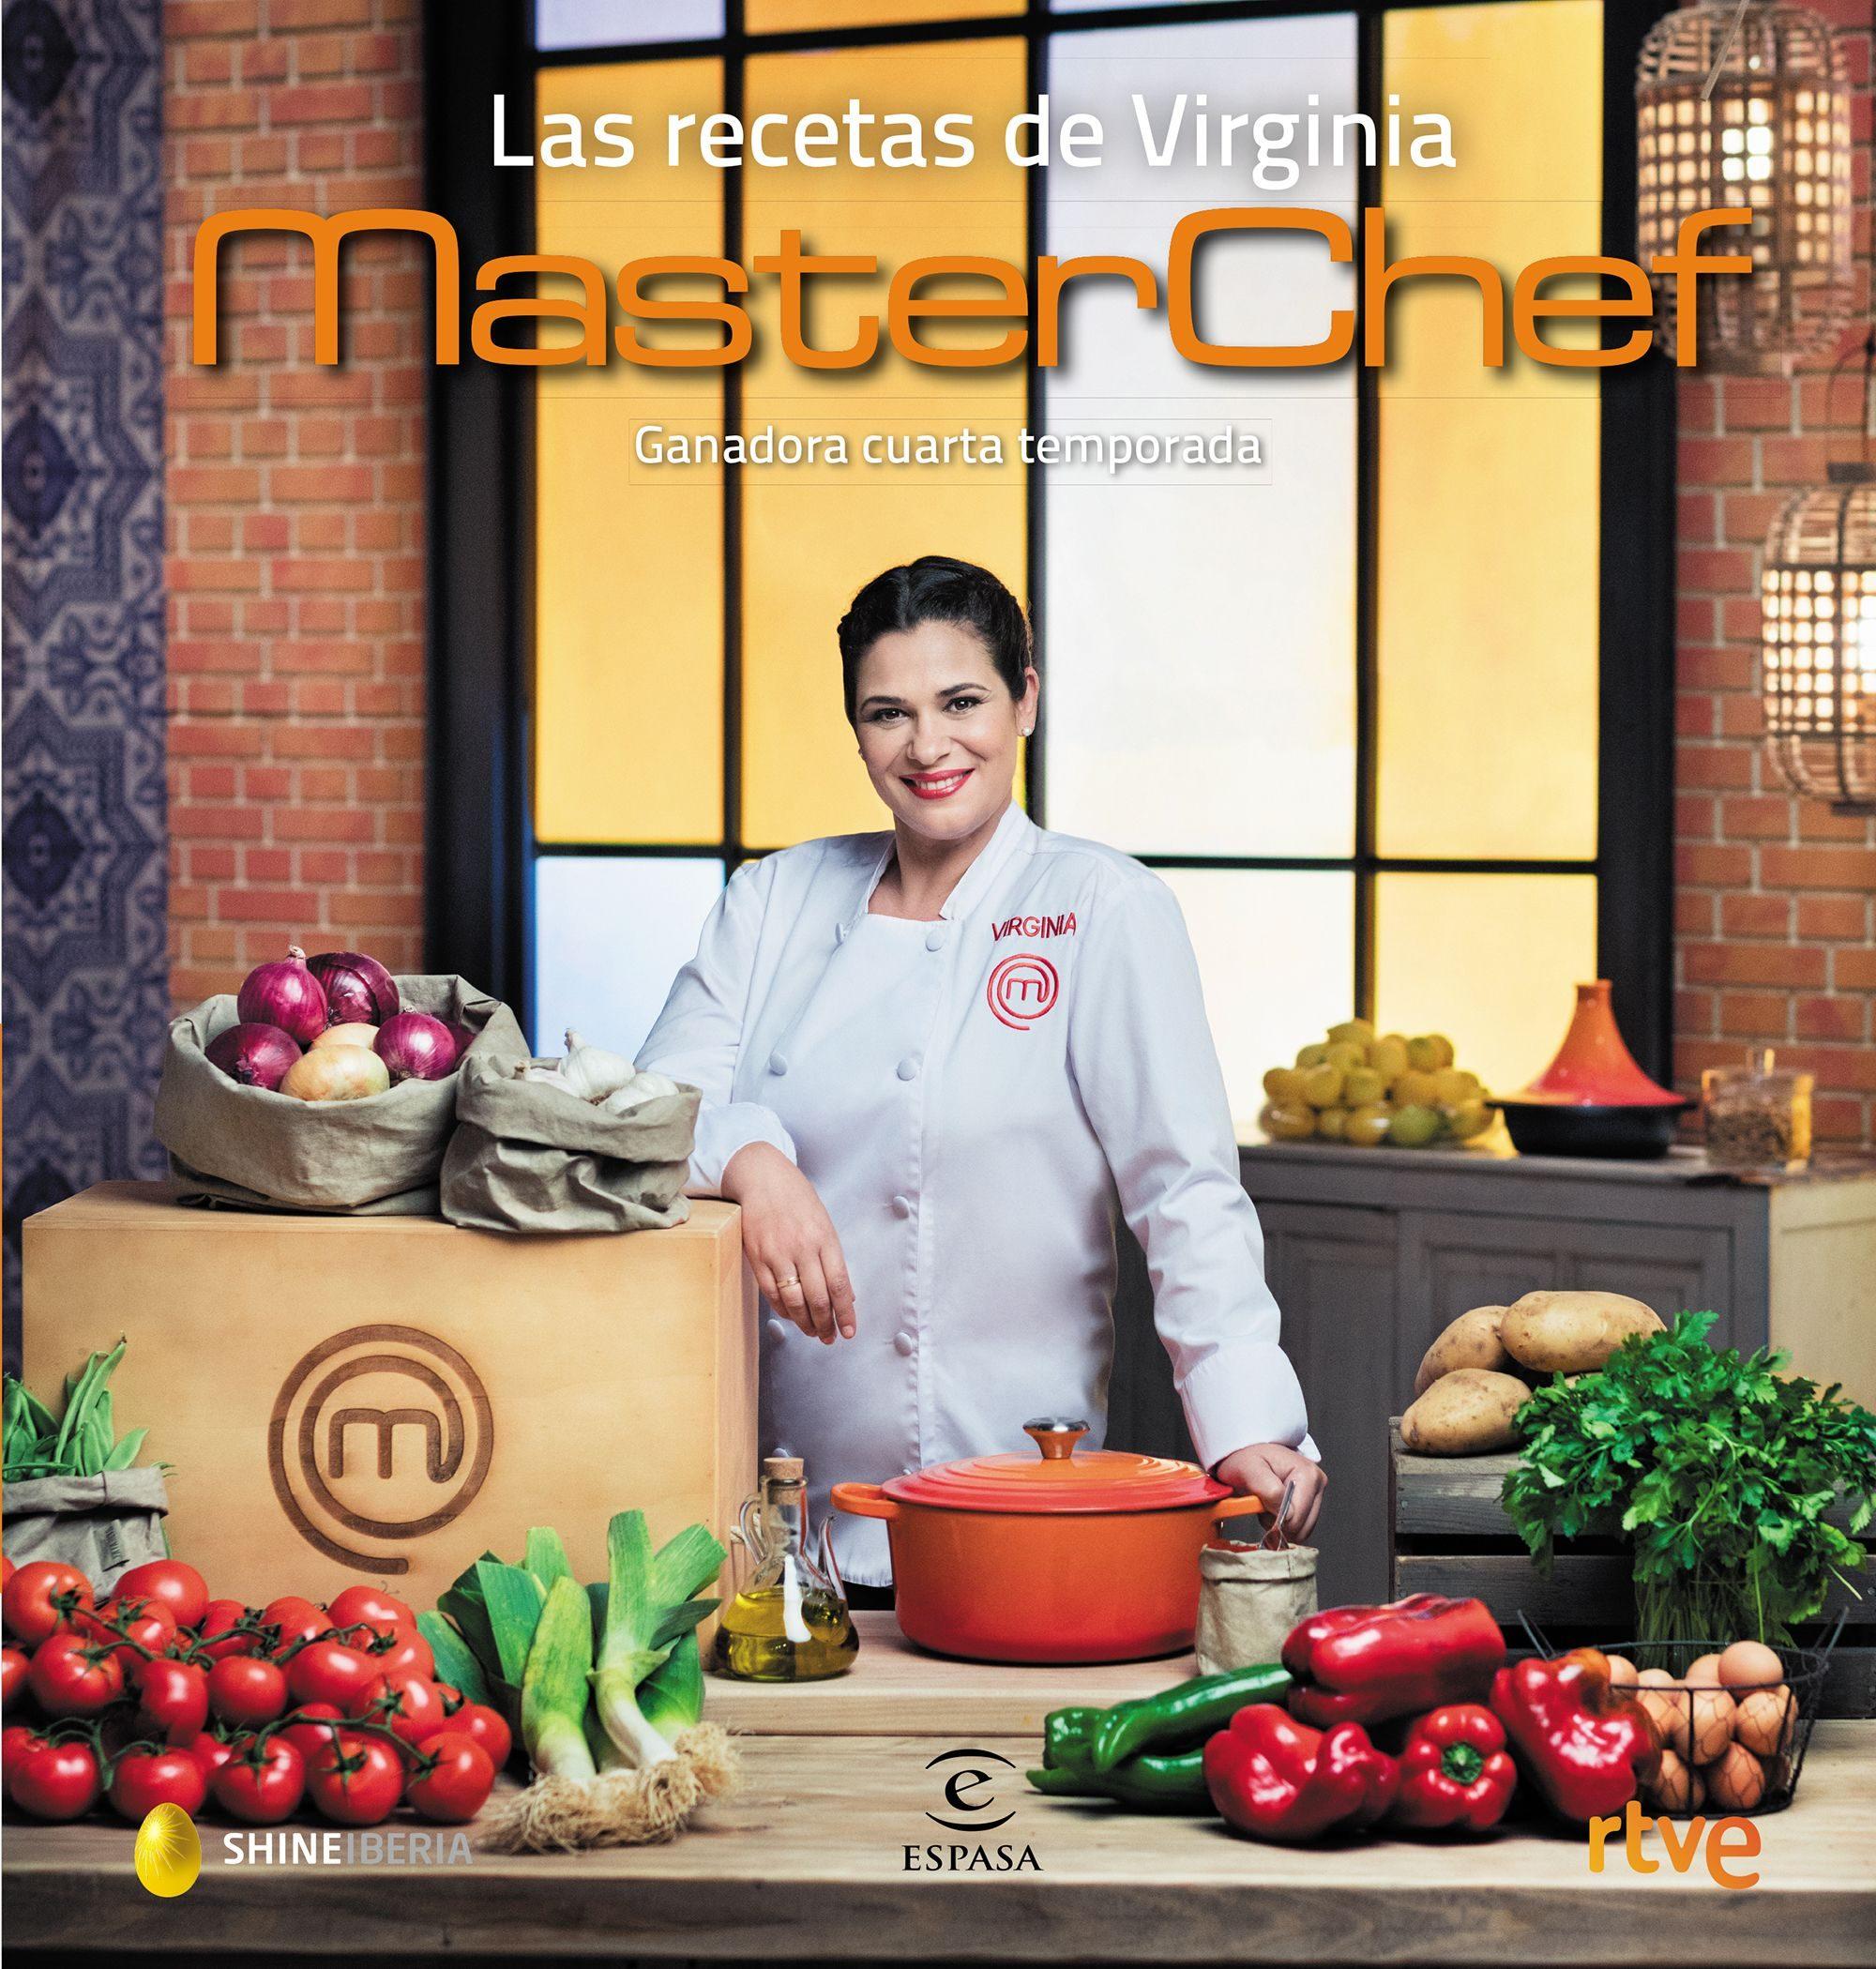 Las recetas de virginia ebook vvaa descargar libro pdf o epub las recetas de virginia ebook 9788467048353 fandeluxe Images